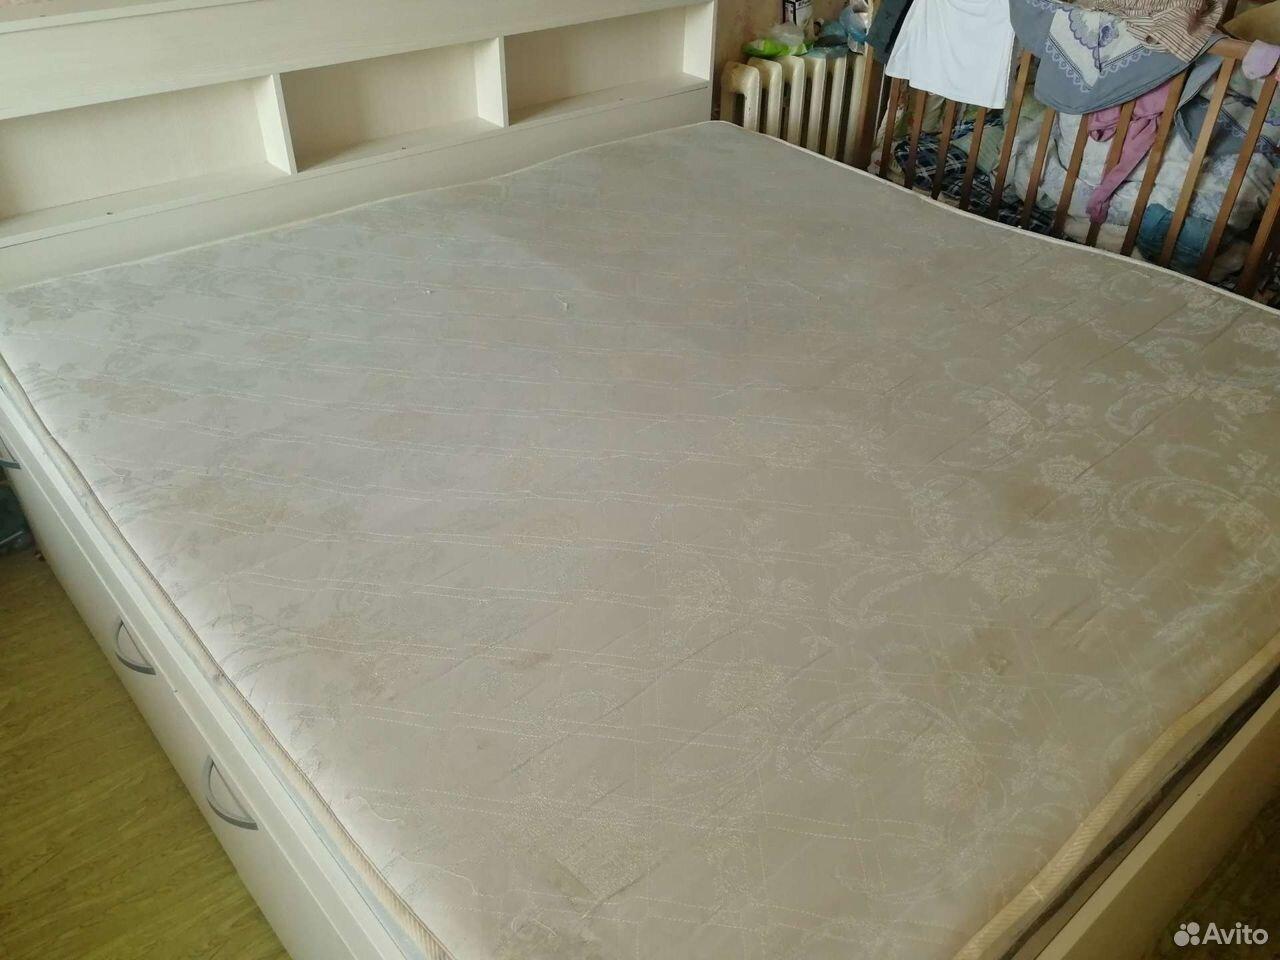 Кровать с матрасом 2,0 * 2,0 метра  89173310344 купить 5